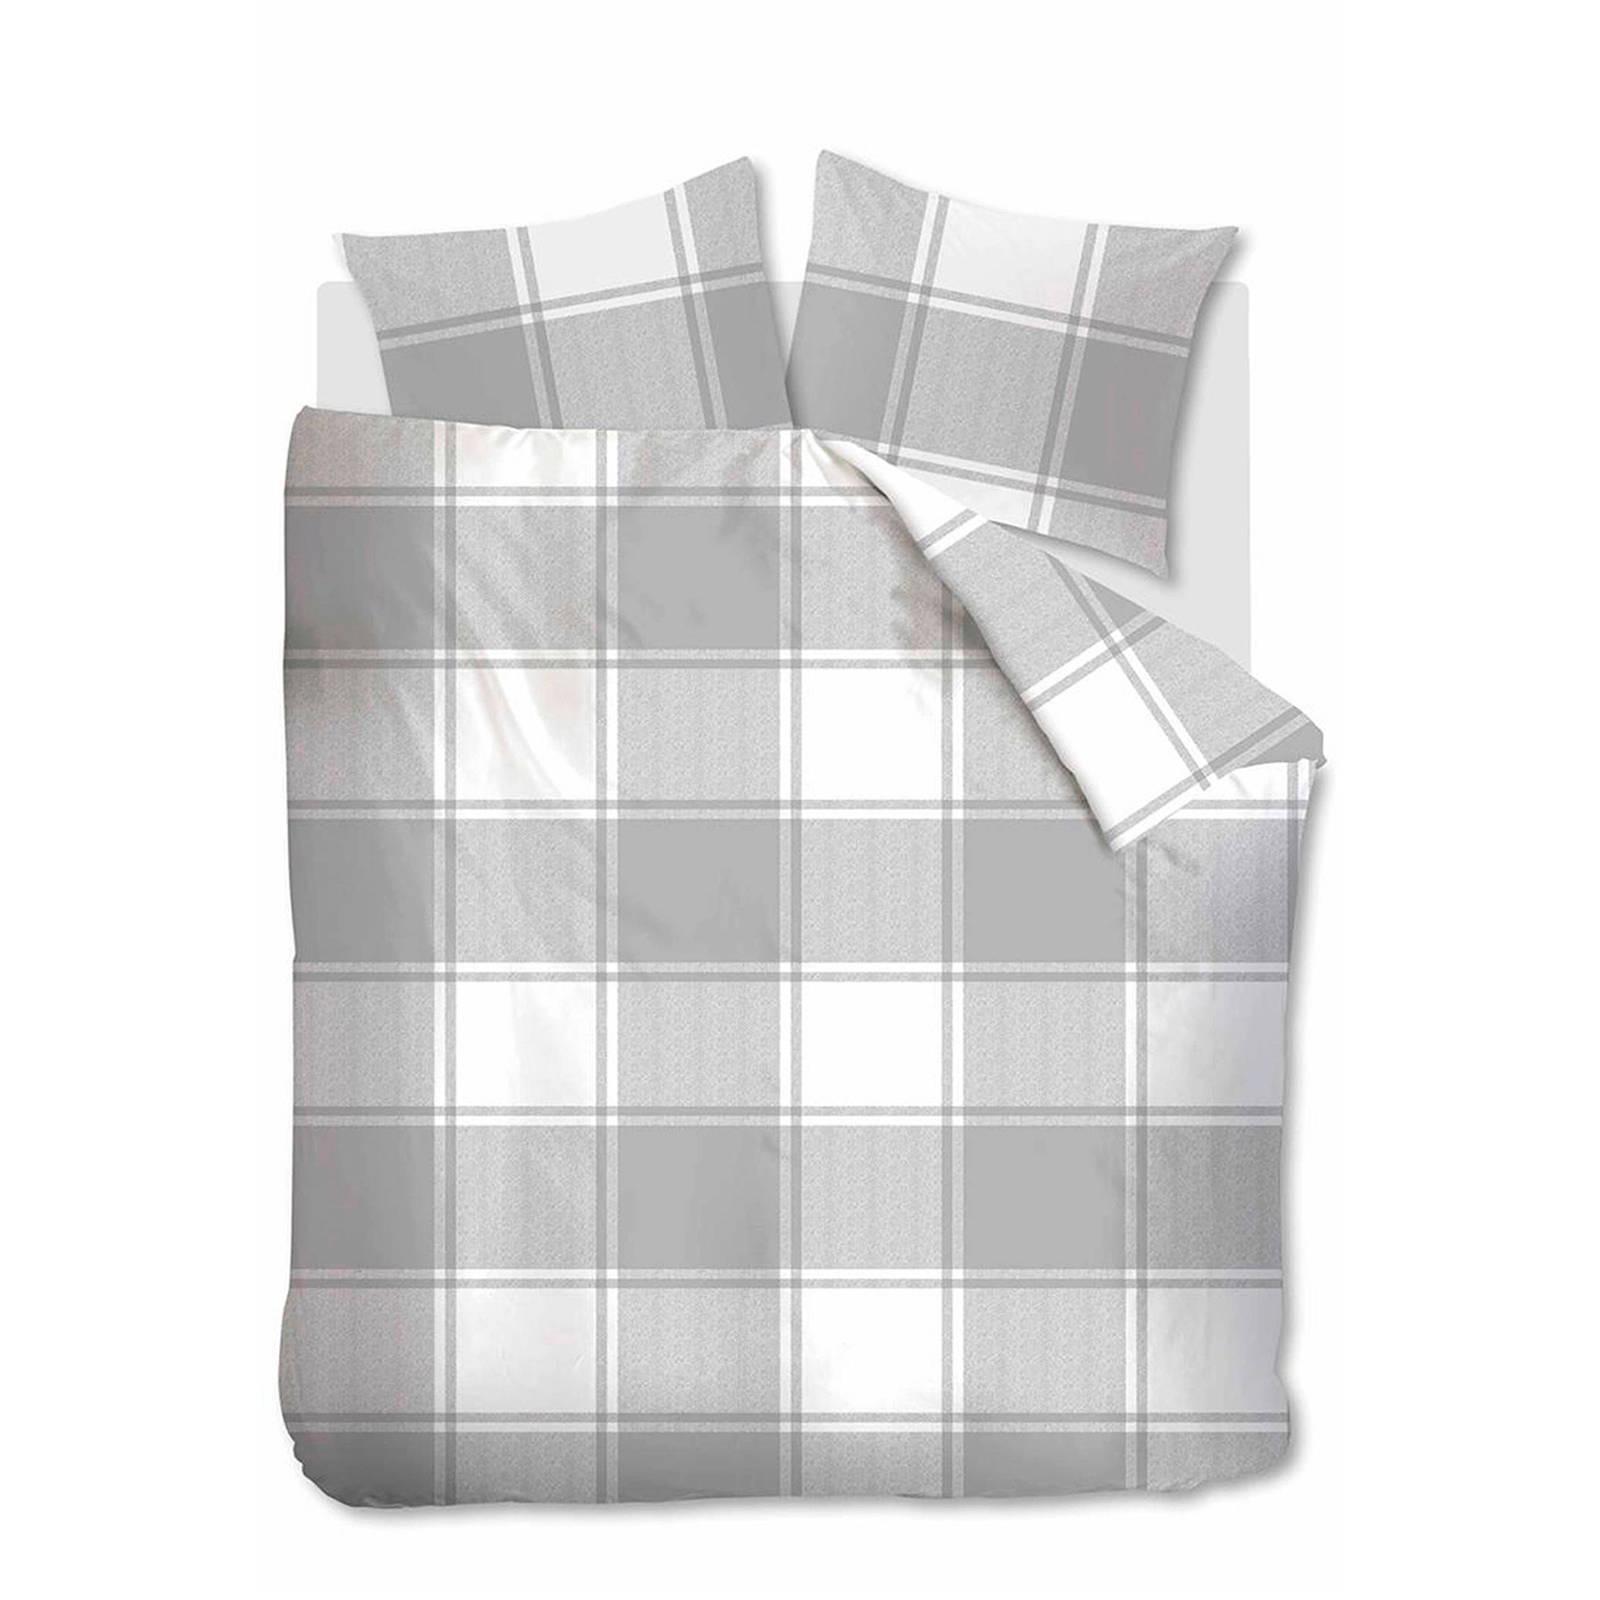 ambiante flanellen dekbedovertrek lits jumeaux grijs